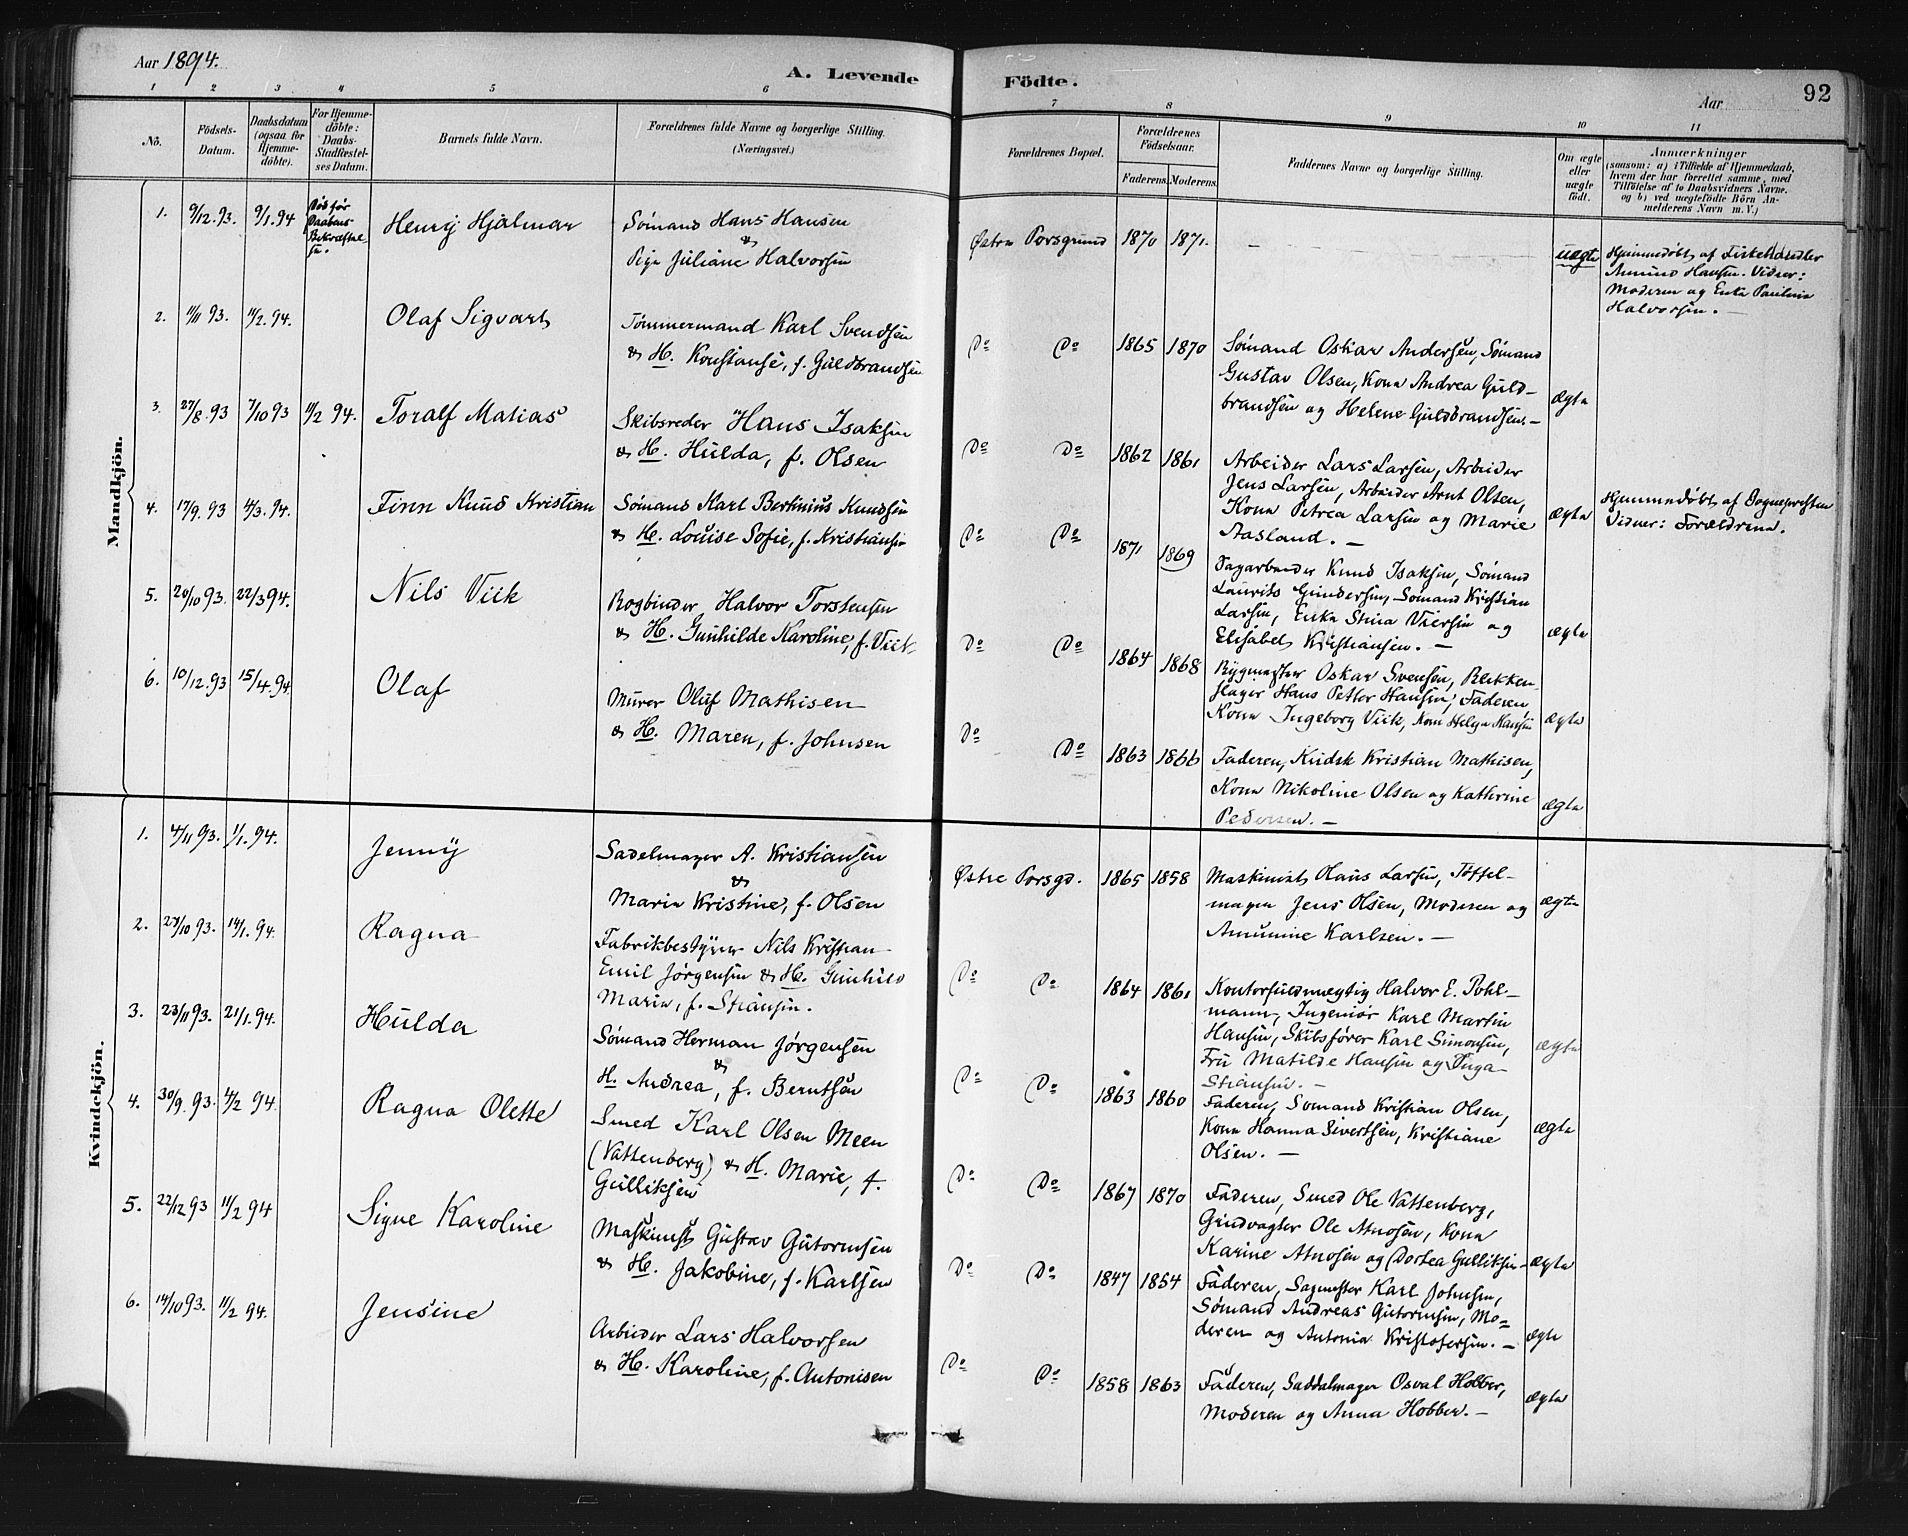 SAKO, Porsgrunn kirkebøker , G/Gb/L0005: Klokkerbok nr. II 5, 1883-1915, s. 92